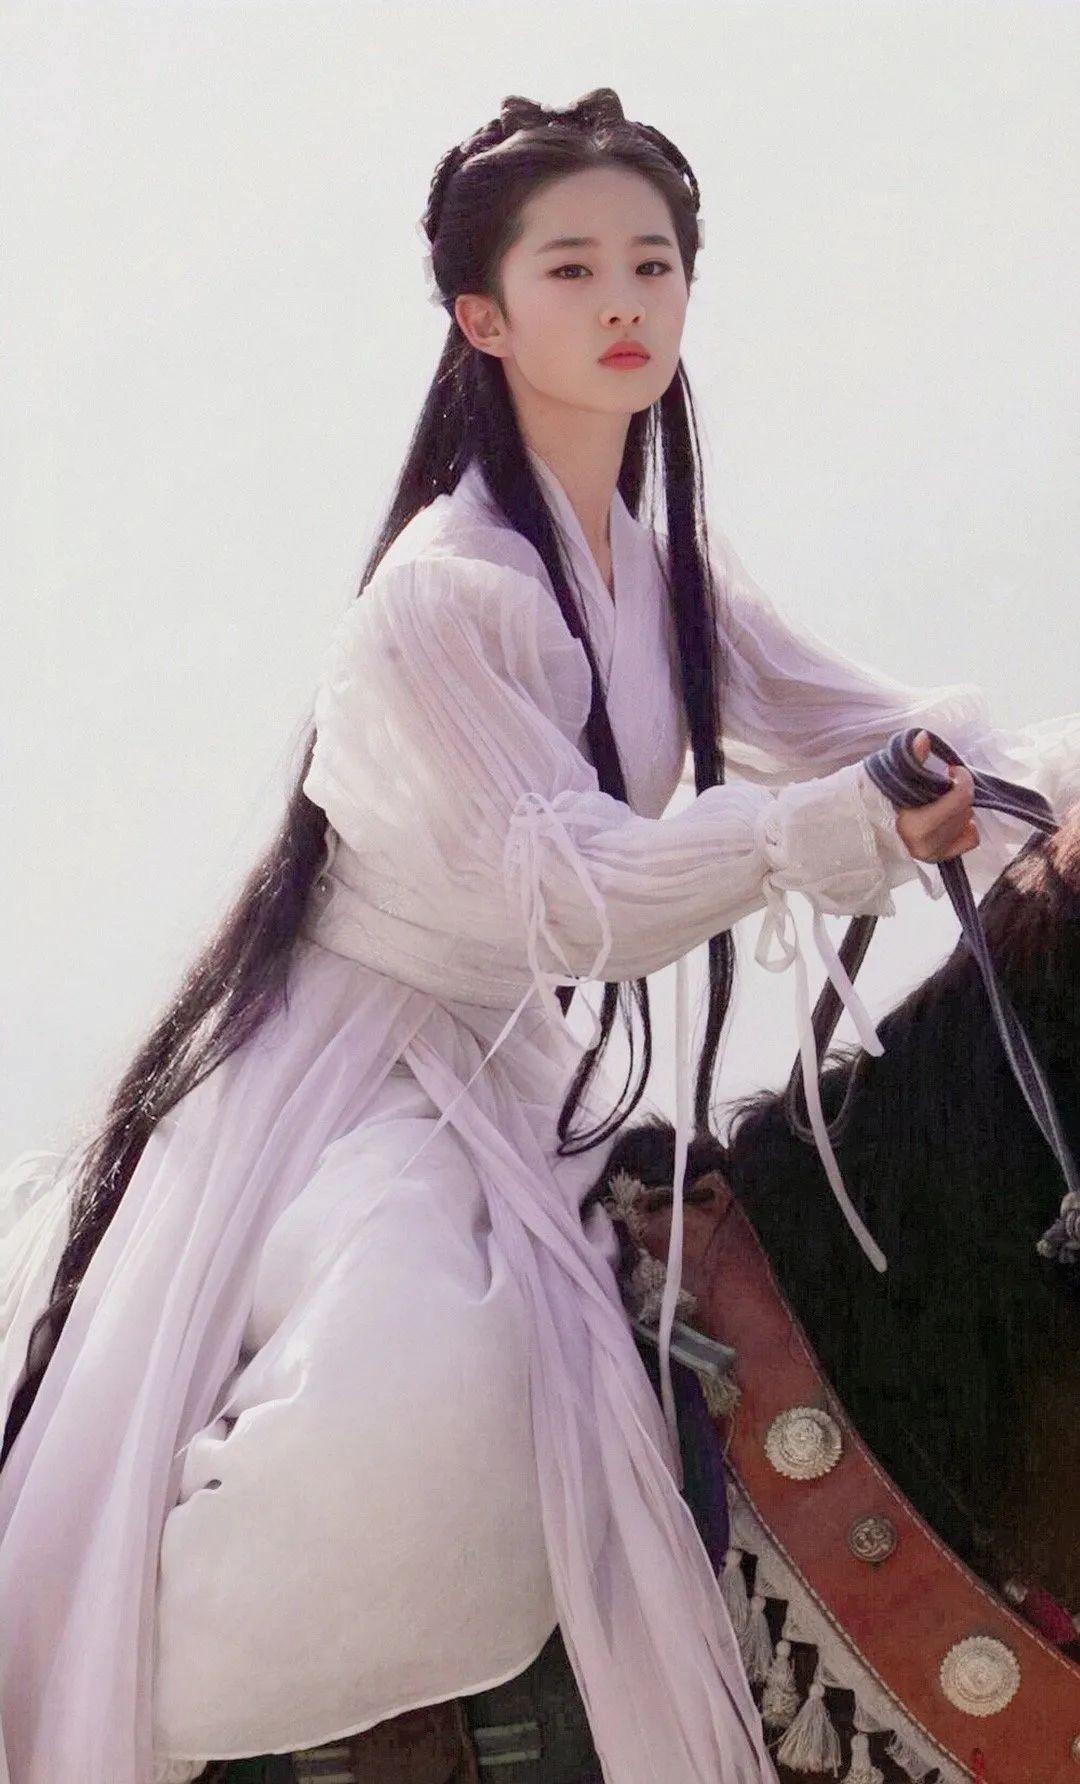 刘亦菲小龙女美图,这就是神仙姐姐的美貌吗?_图片 No.9